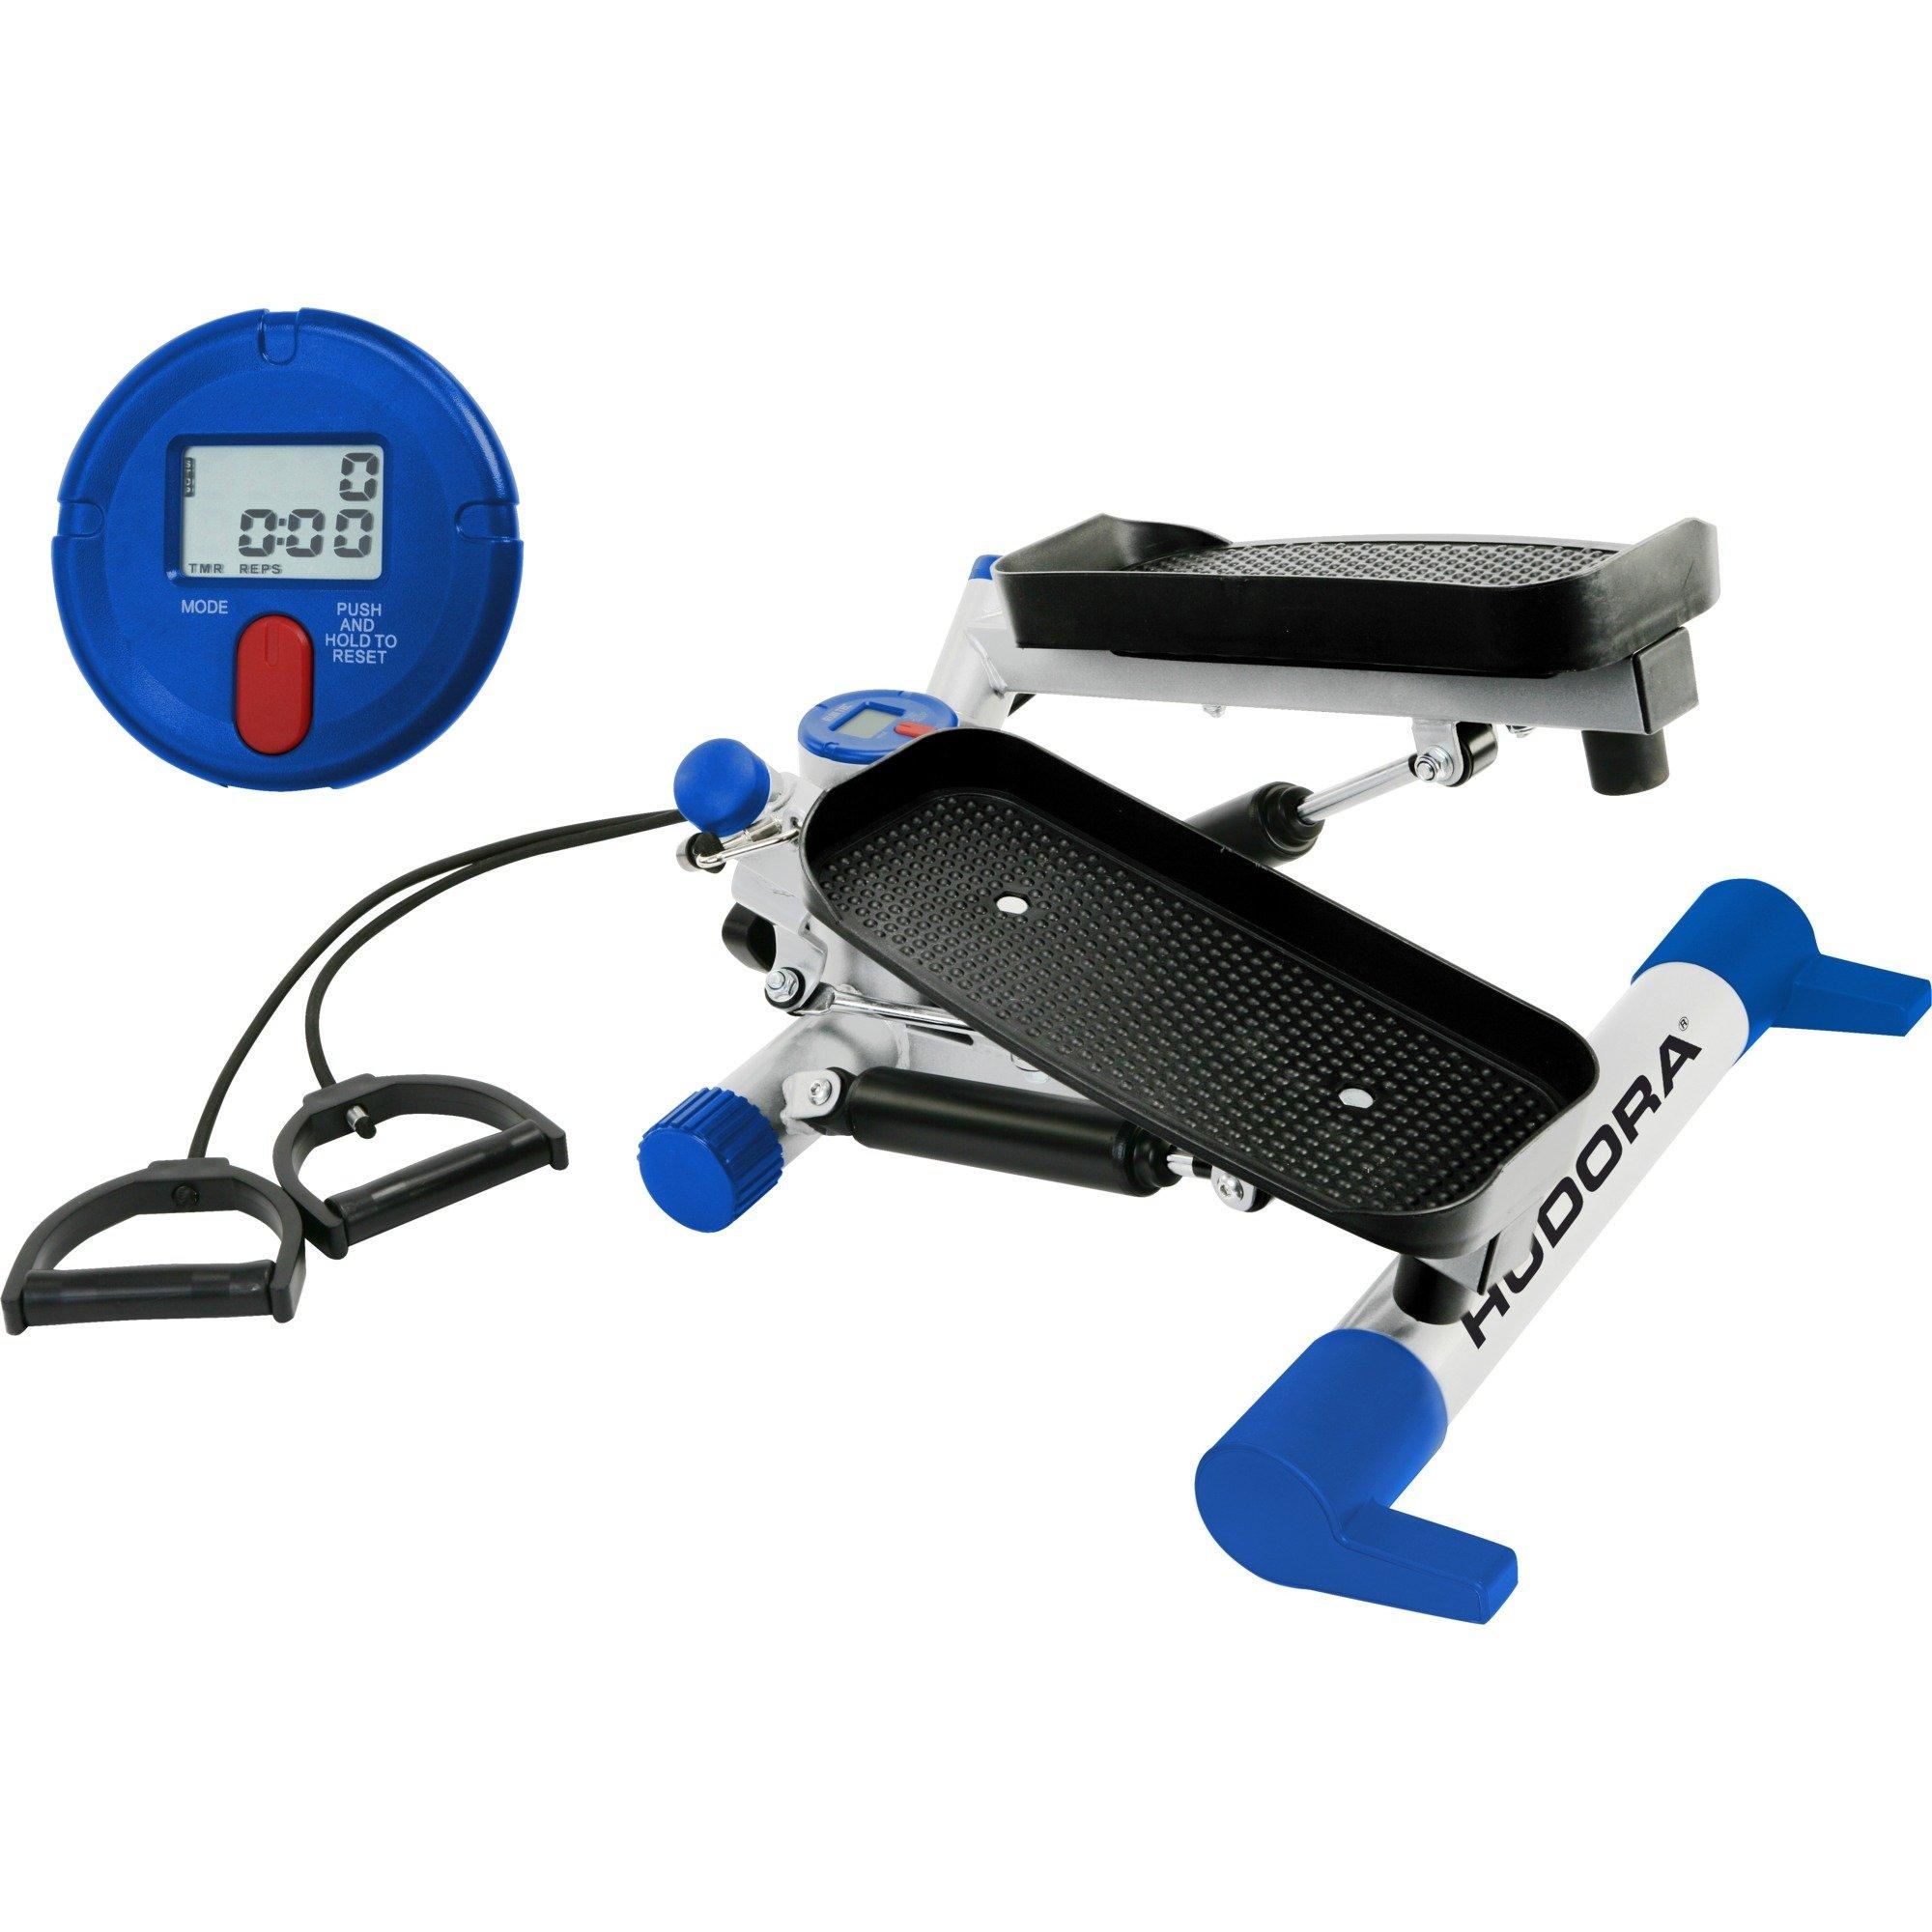 65236 Negro, Azul, Blanco máquina de step, Aparato para fitness